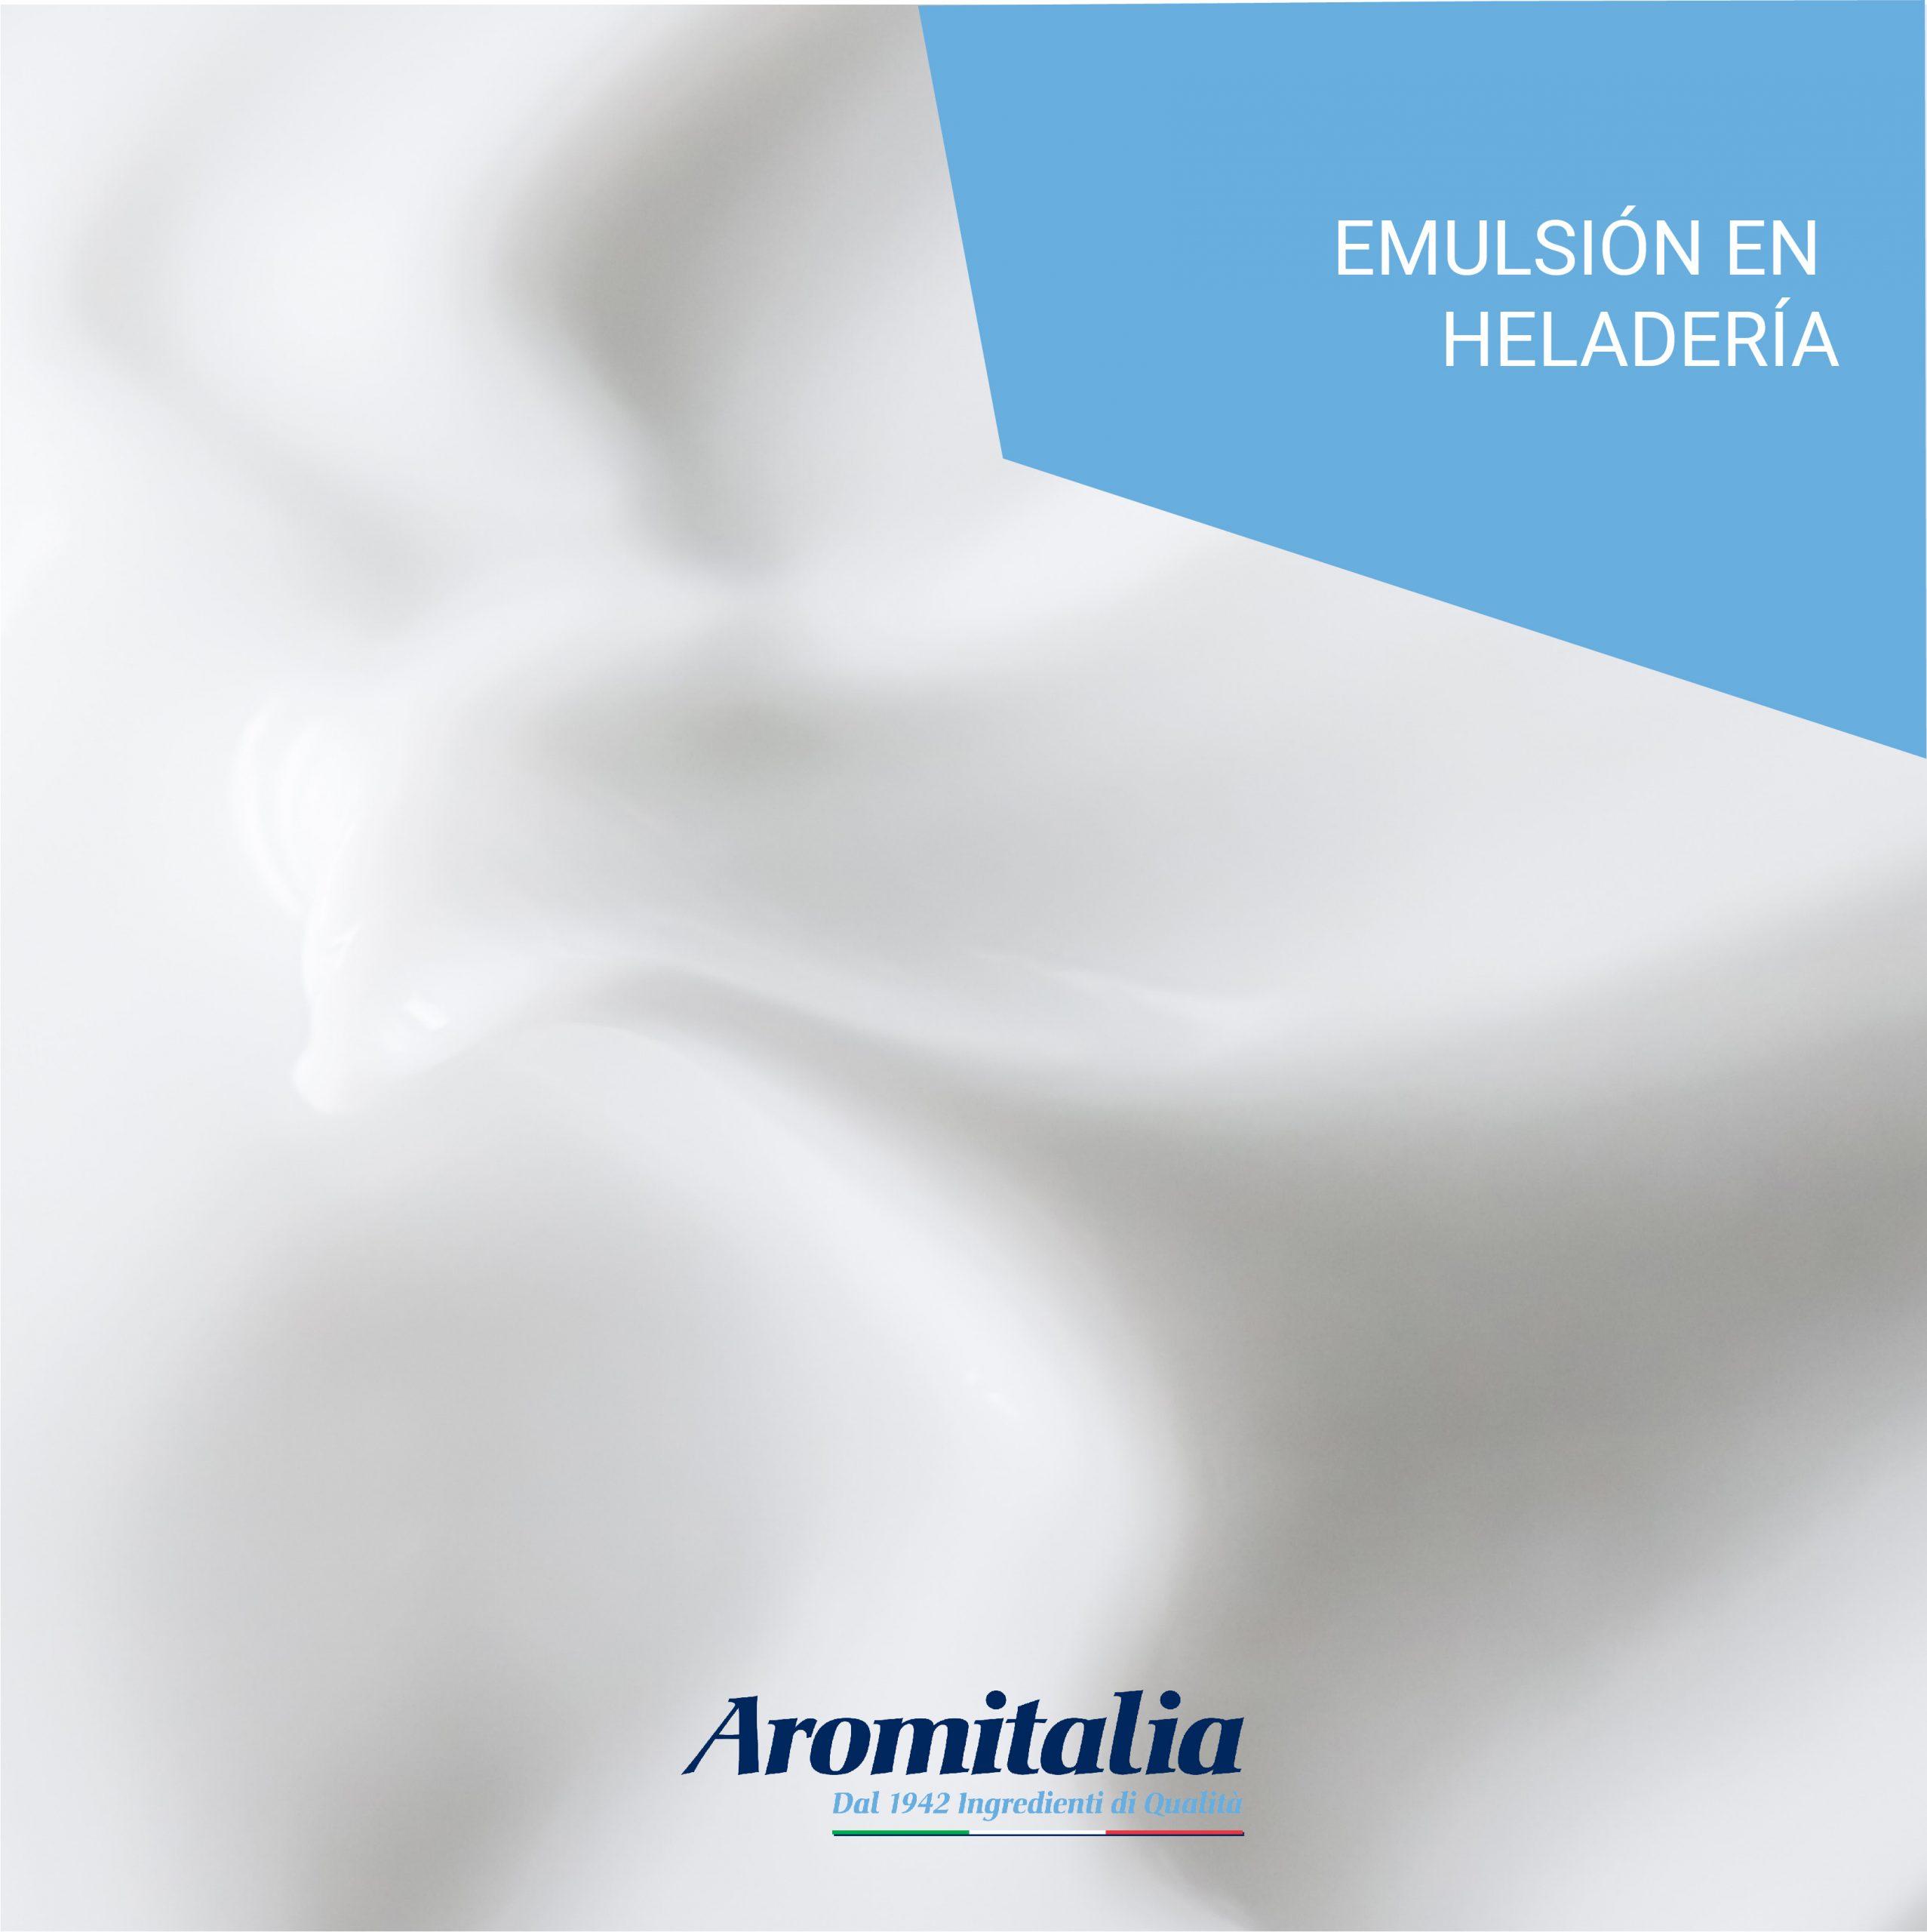 emulsión_heladería